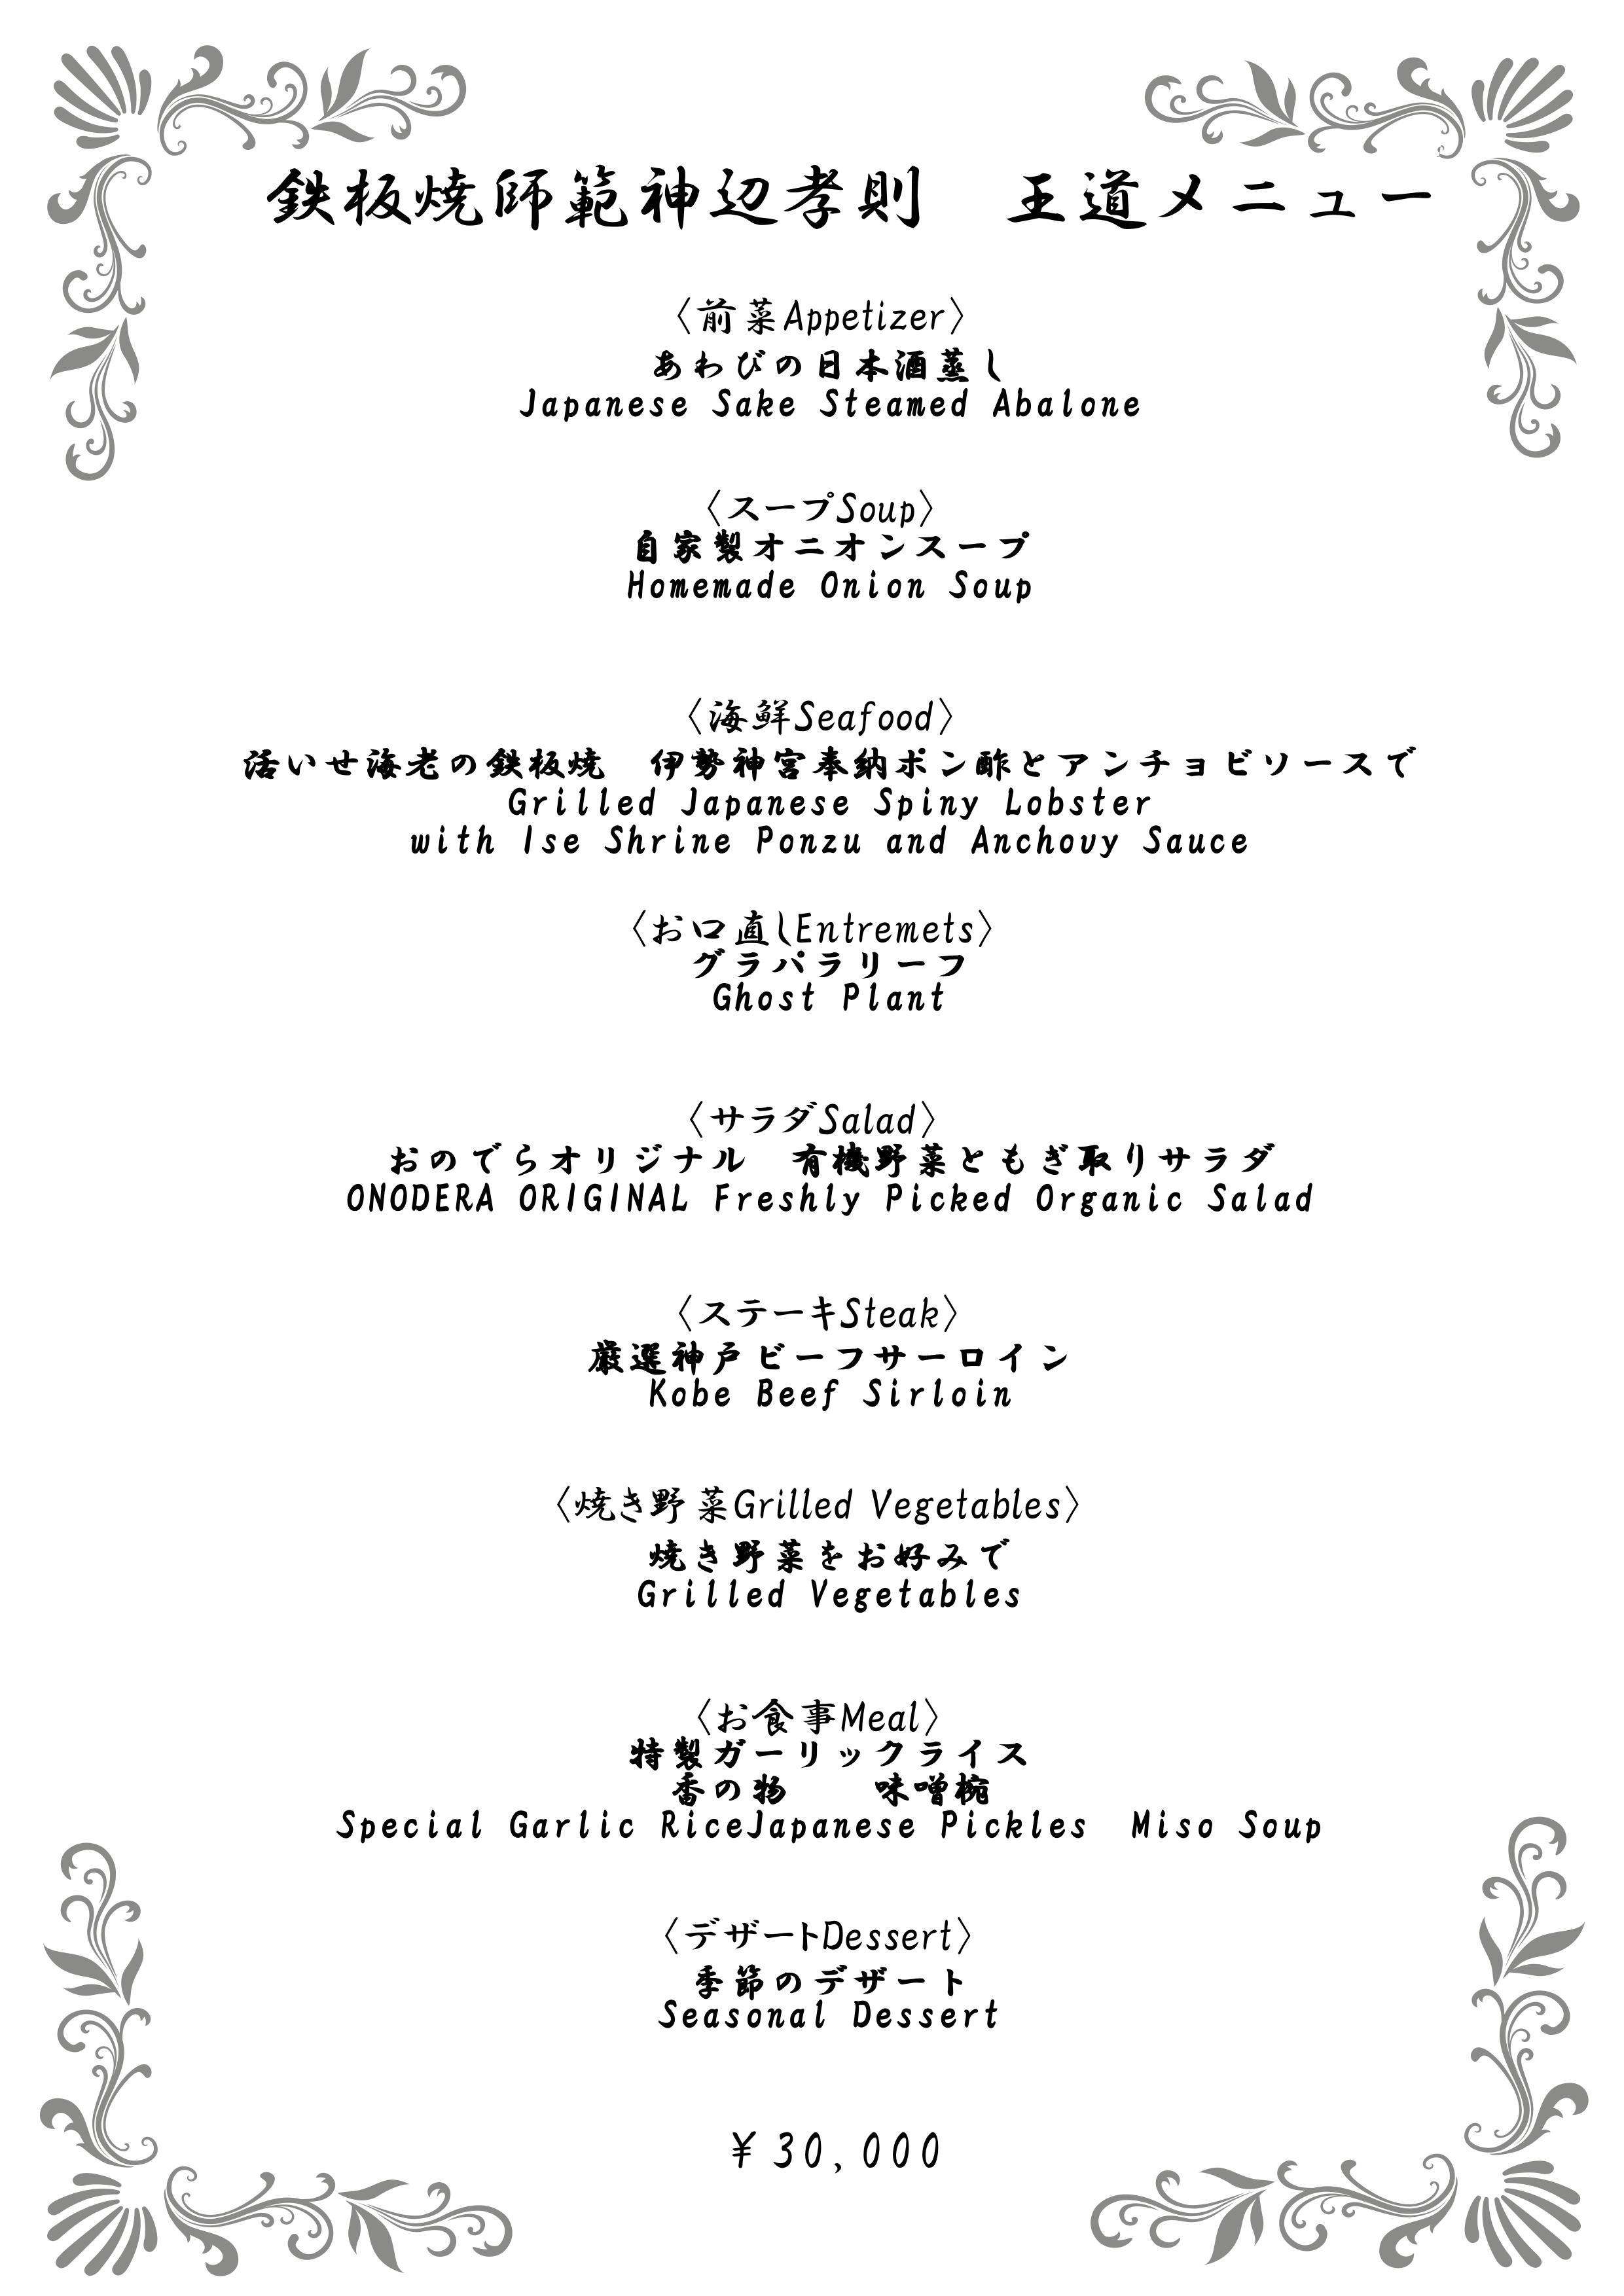 鉄板焼 [銀座店] 王道メニュー2